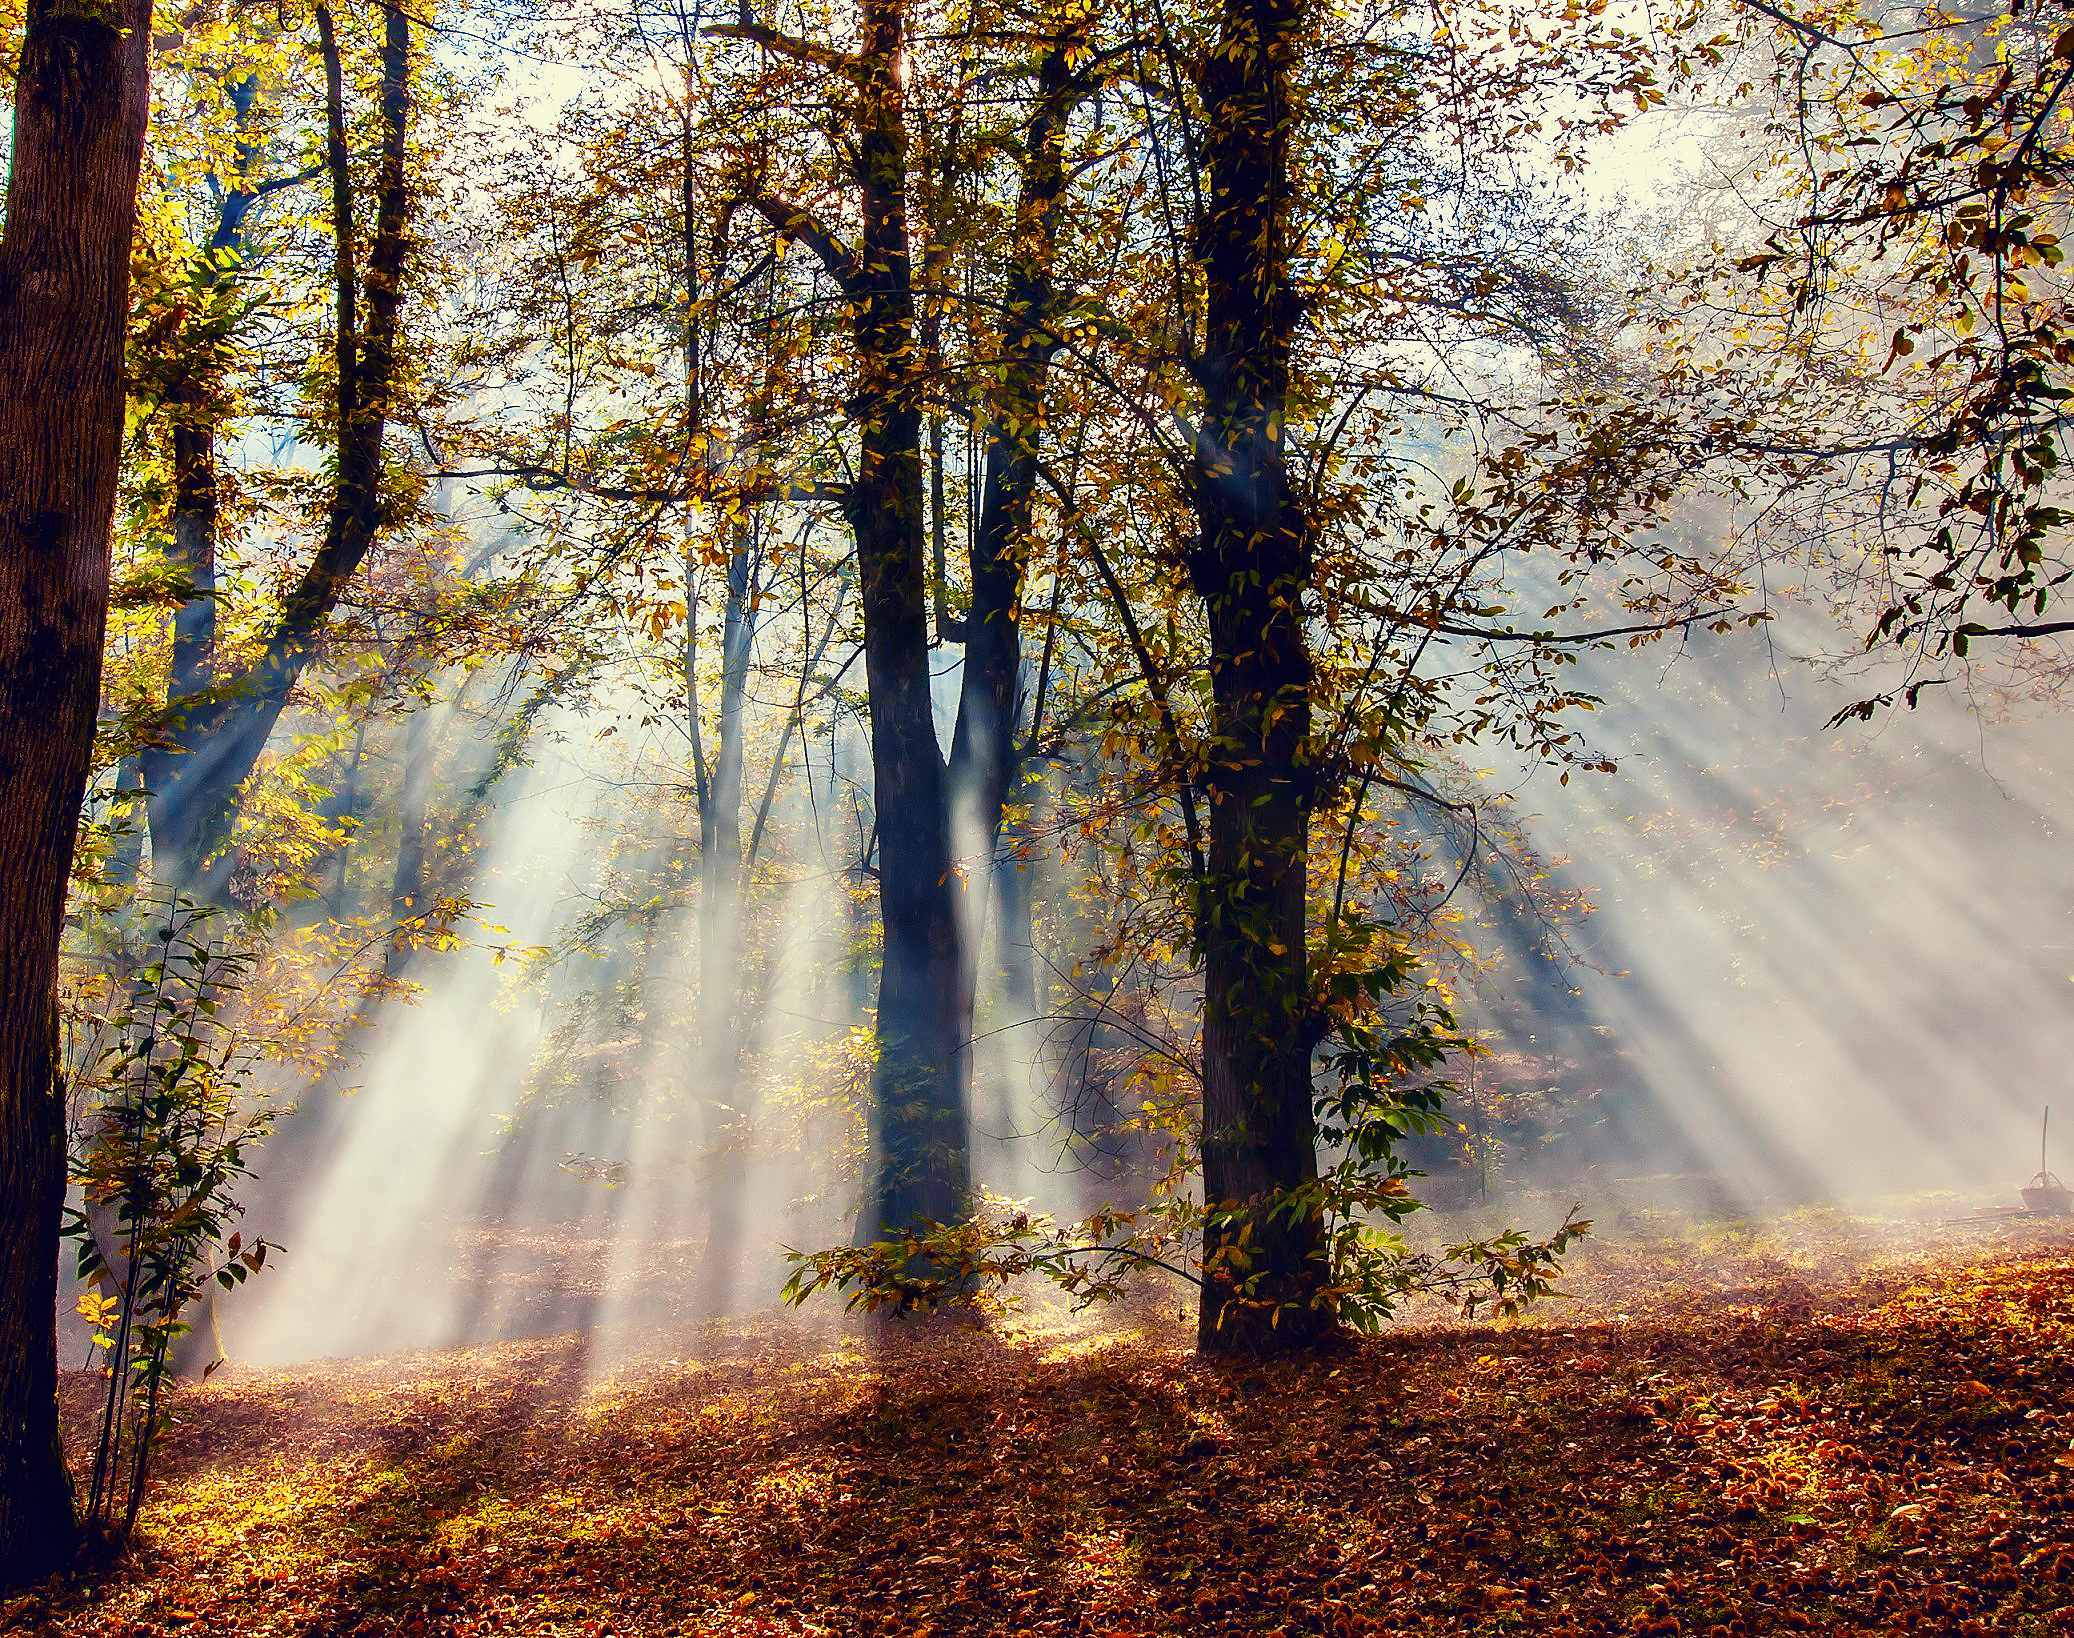 природа деревья листья лес nature trees leaves forest скачать